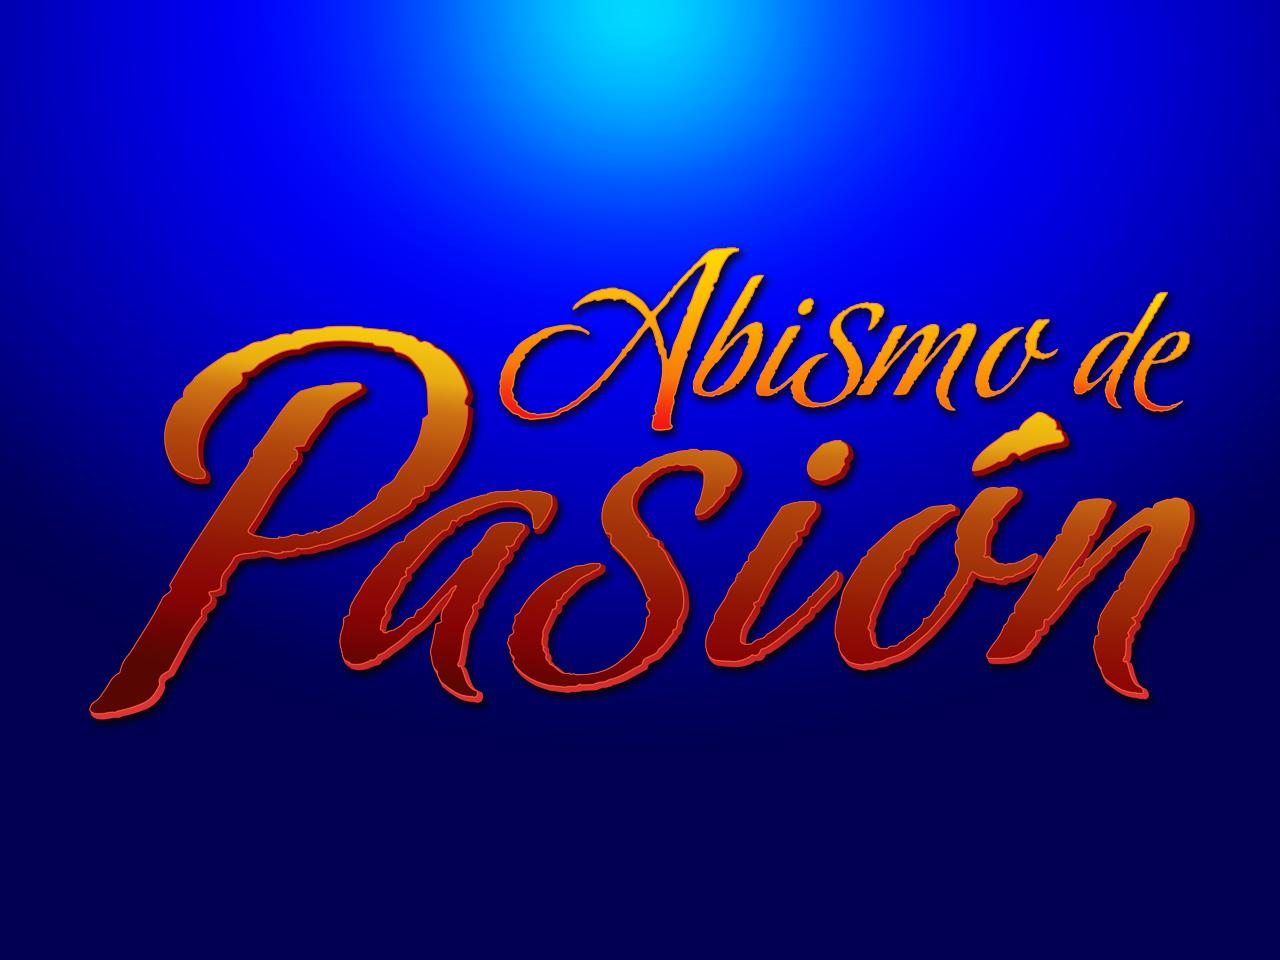 Imagenes con el logo oficial de Abismo de pasion